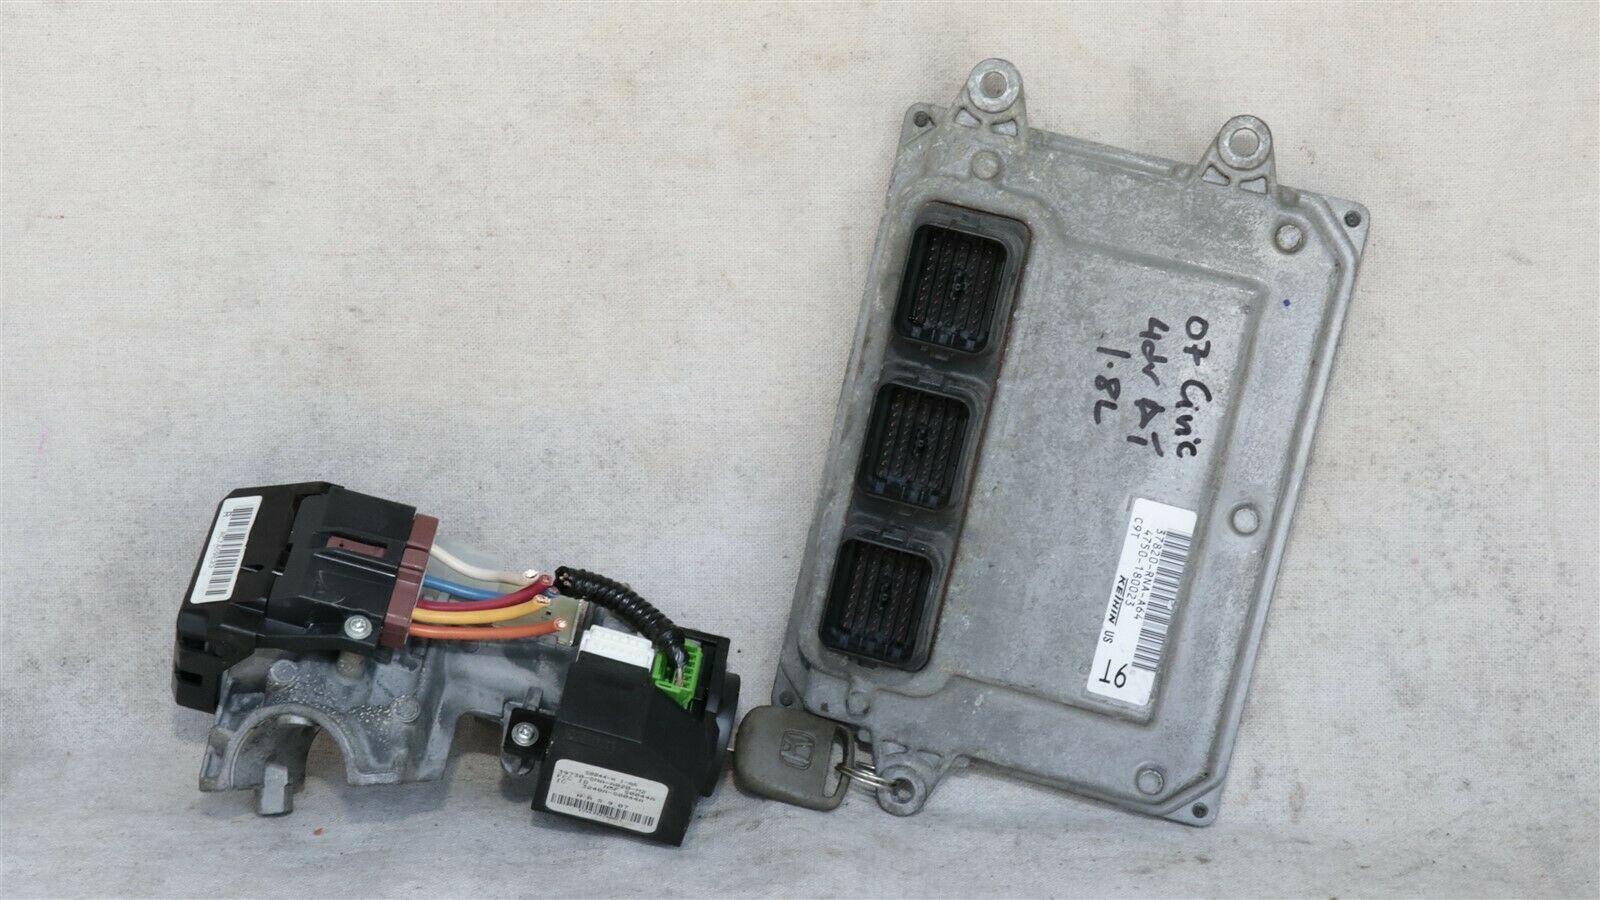 06-08 Honda Civic 1.8 A/T ECU PCM Engine Computer & Immobilizer 37820-RNA-A64